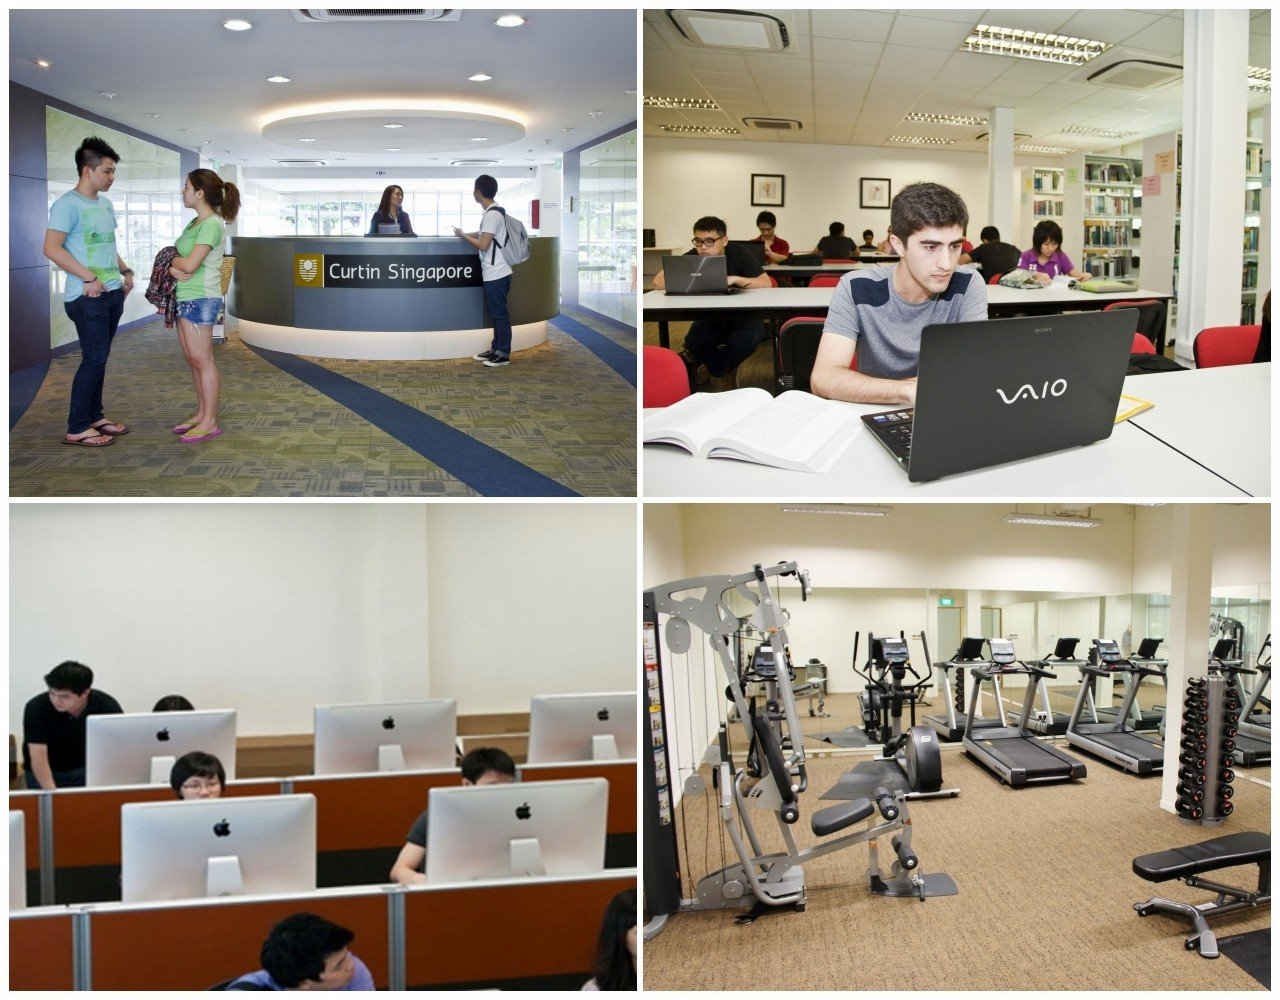 Tất cả trang thiết bị hiện đại, tiện nghi hỗ trợ tiêu chí lấy người học làm trung tâm